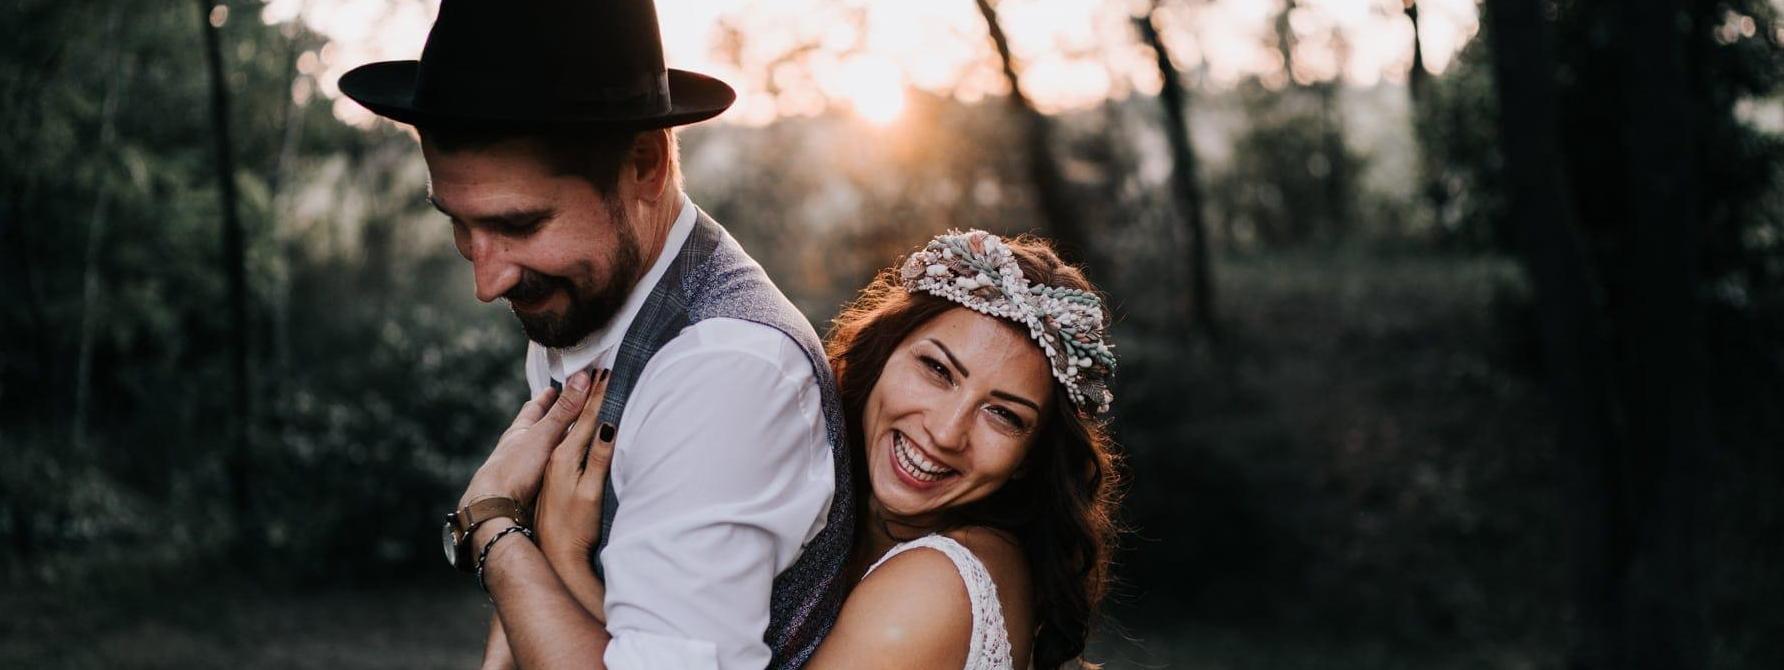 Una boda bohemia en la Provenza